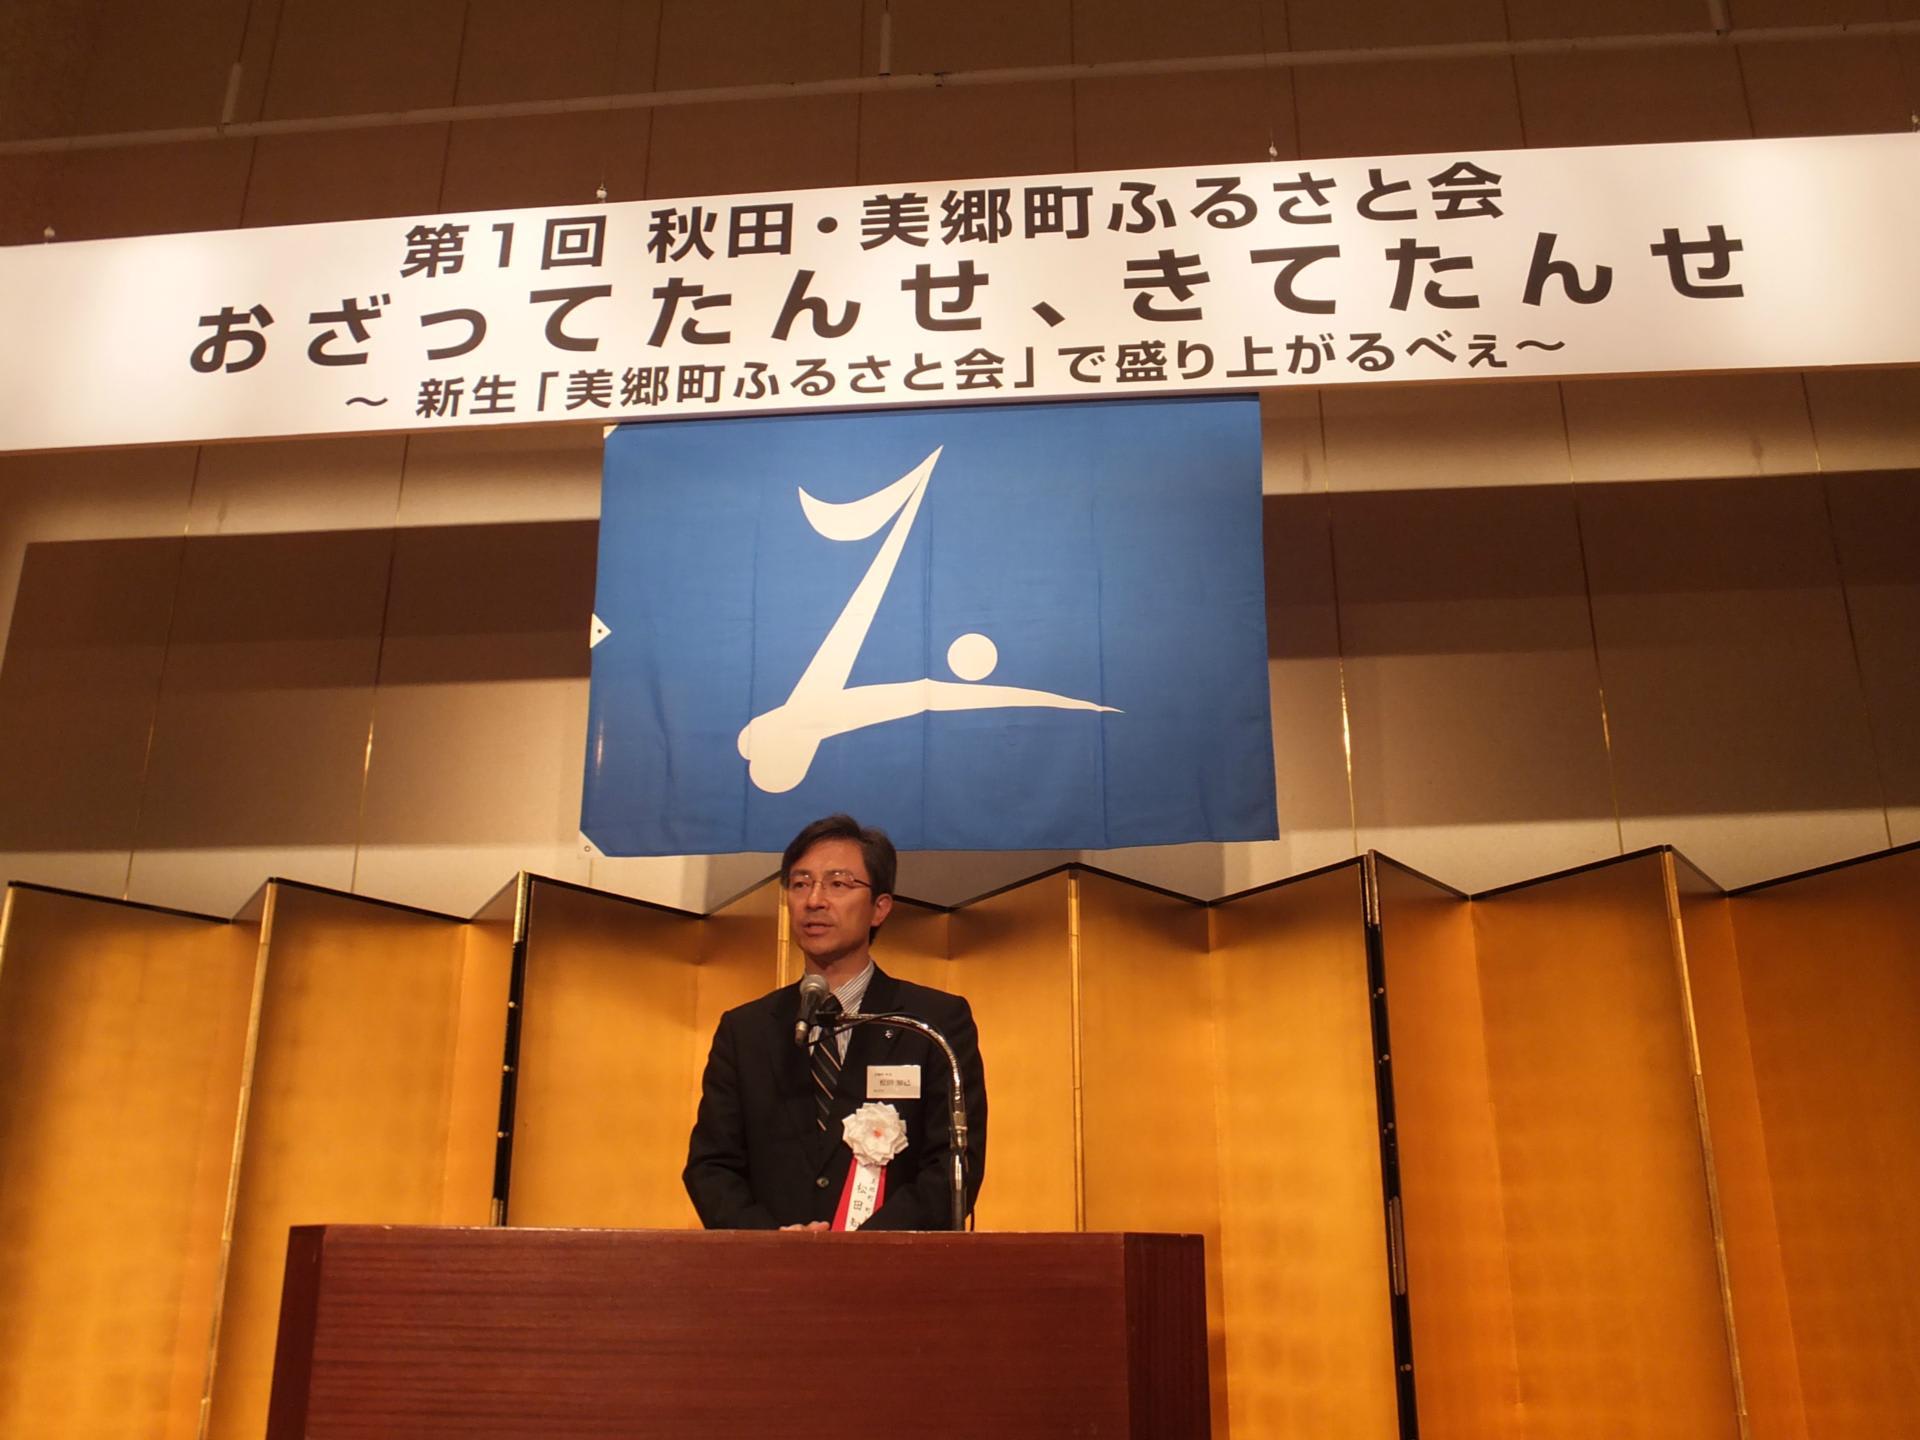 第1回秋田・美郷町ふるさと会の風景